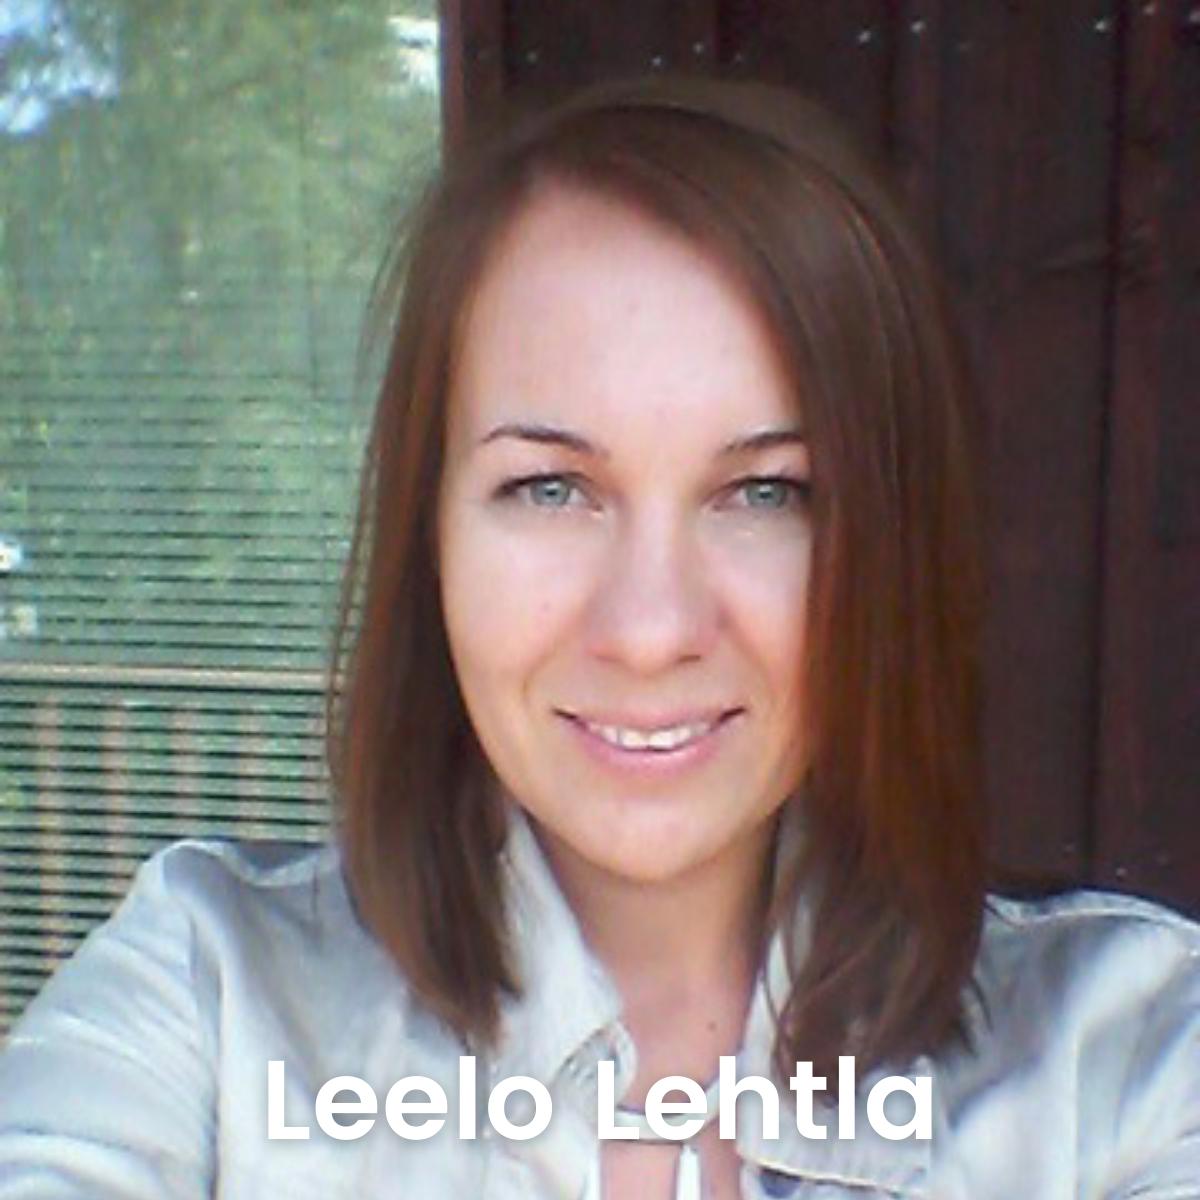 Leelo Lehtla